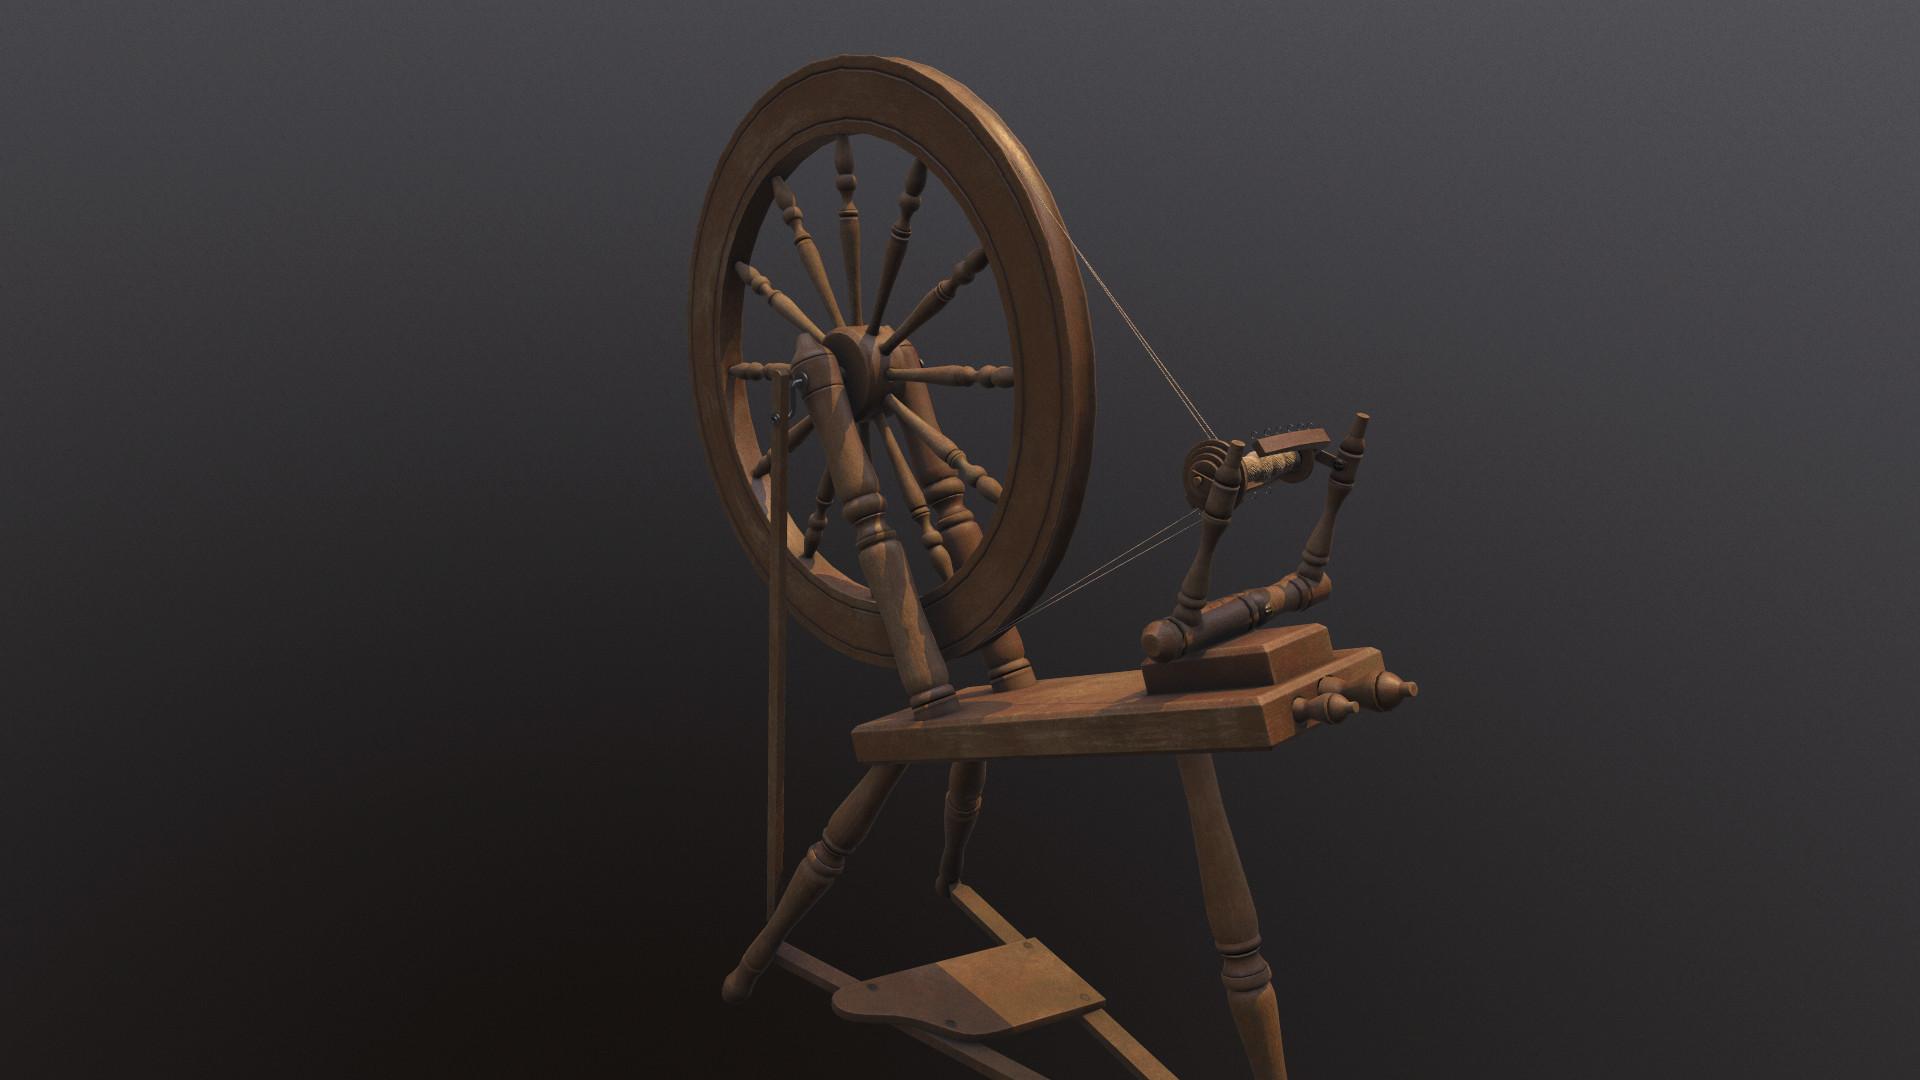 ArtStation - Spinning Wheel, Dragon Motion